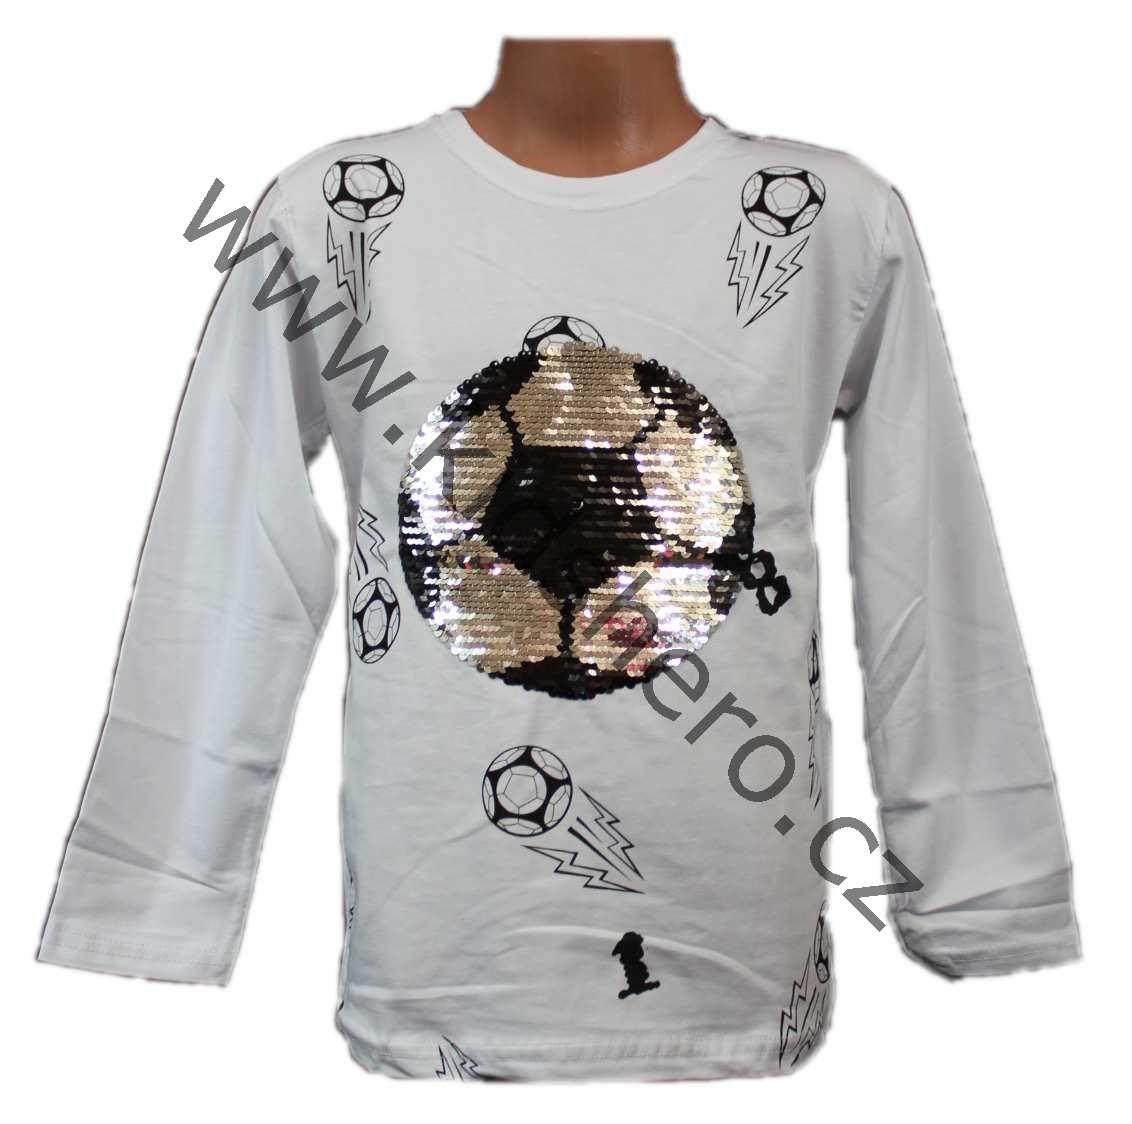 měnící chlapecké tričko, měnící klučičí triko, přeměňovací tričko, měnící obrázek